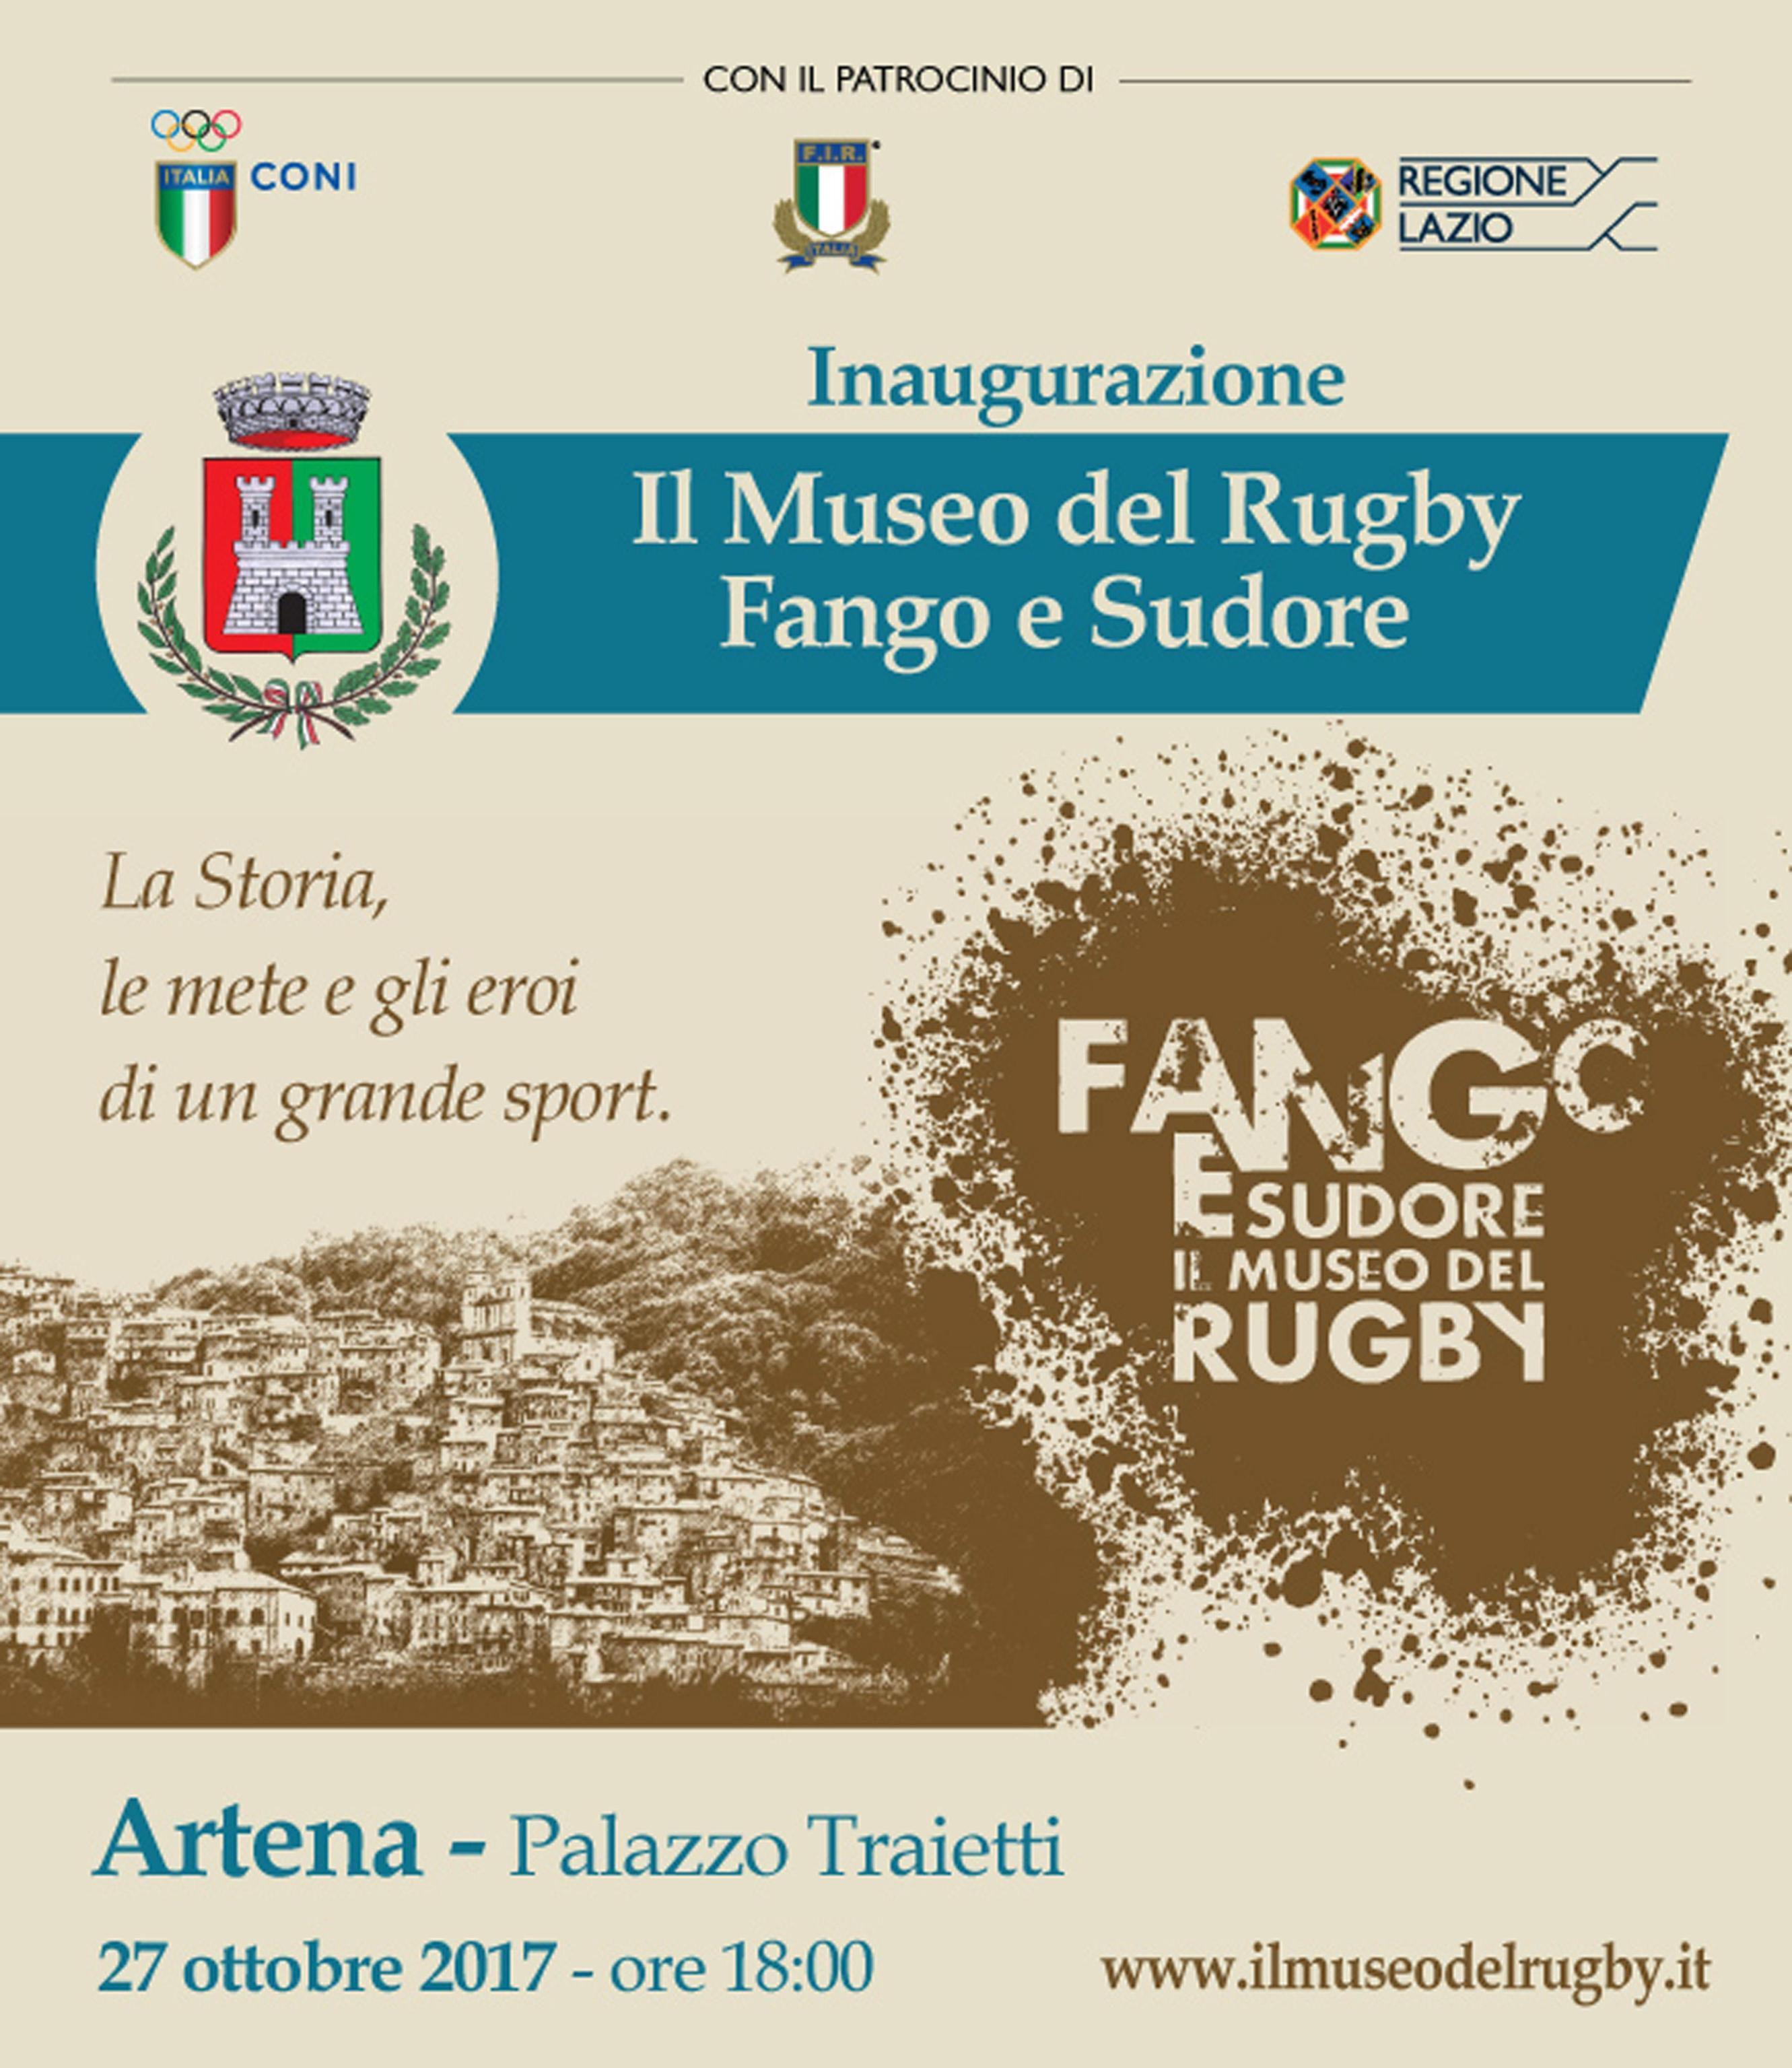 Rugby inaugurato il museo ad artena virgilio notizie for Nuovi piani coloniali in inghilterra